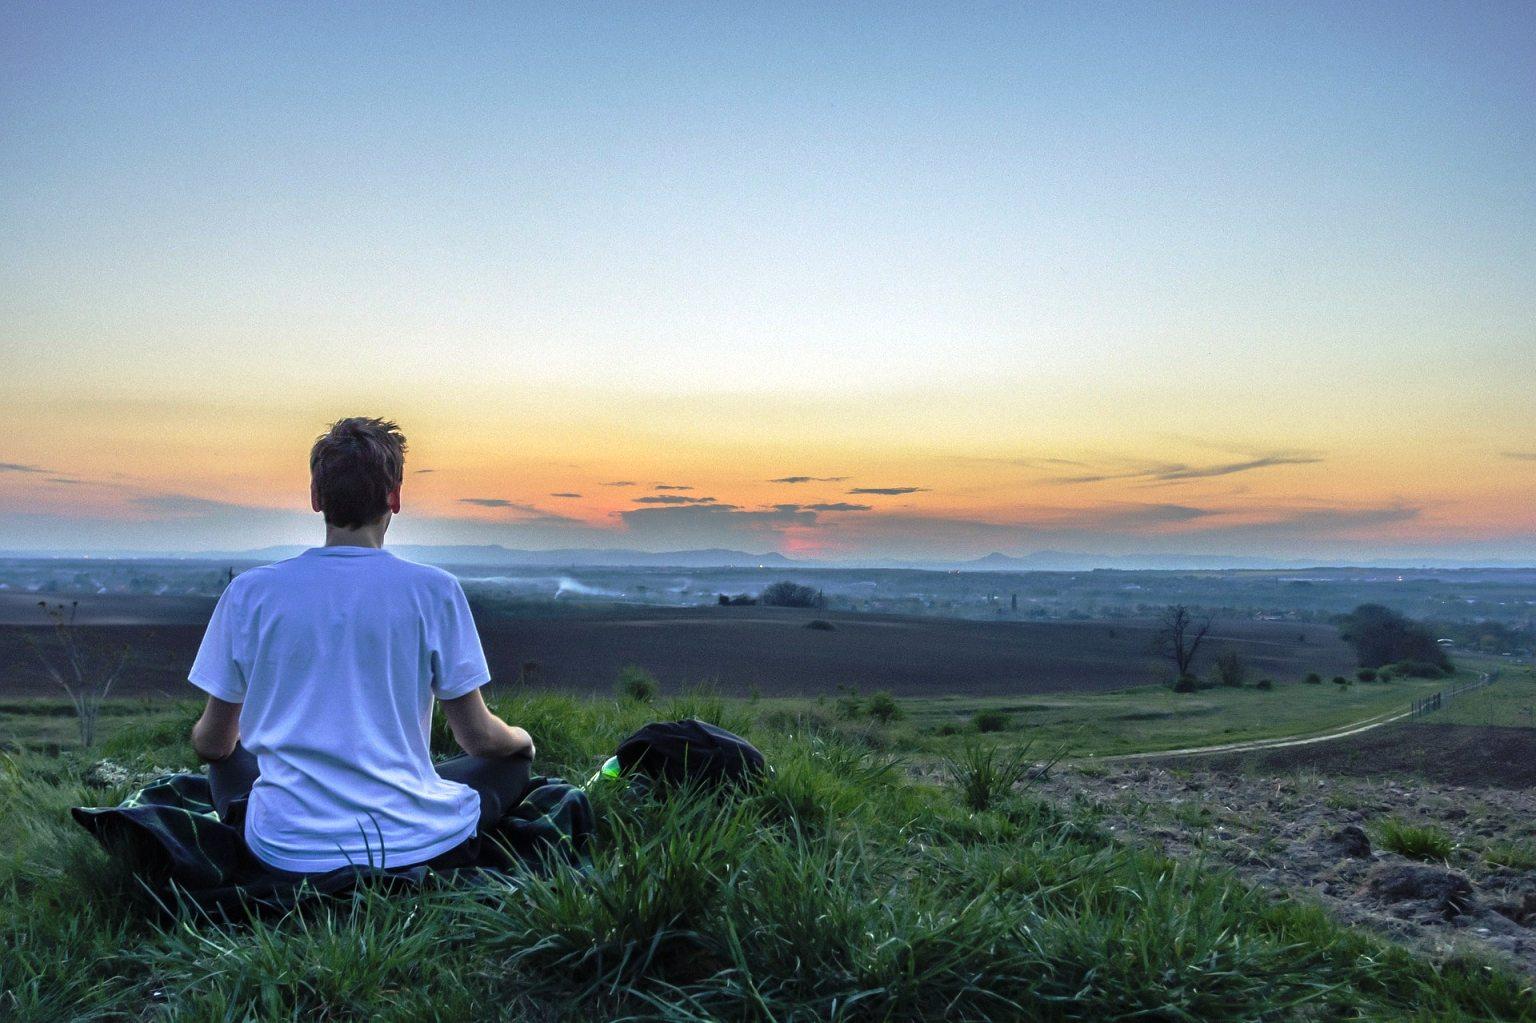 Trabajador Freelancer – Consejos para tu Salud y Bienestar